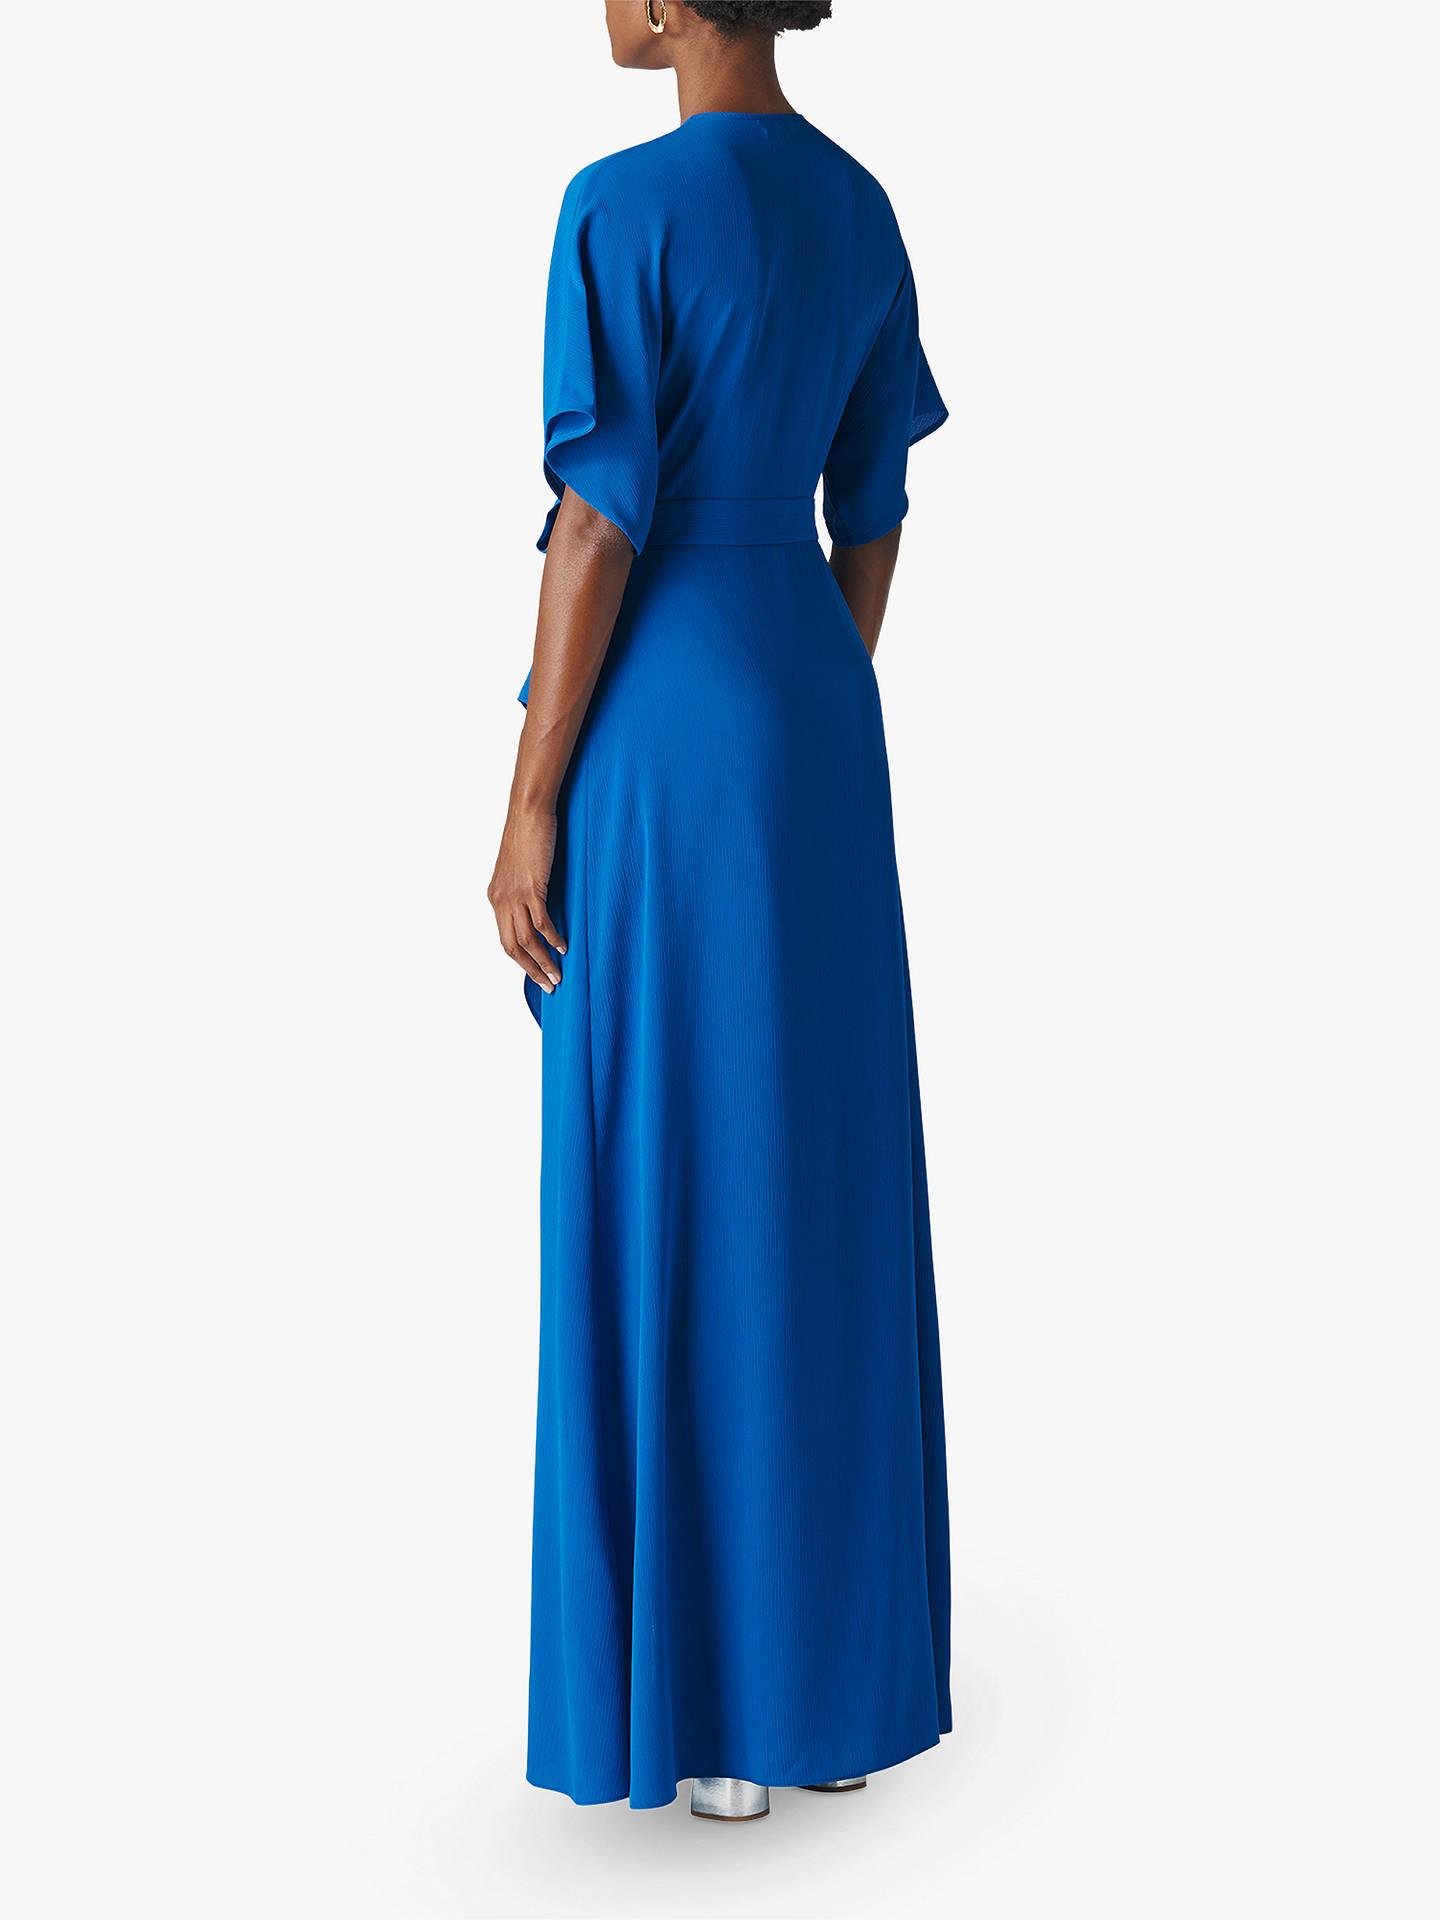 2df1892e195 Whistles Nova Frill Wrap Maxi Dress at John Lewis   Partners